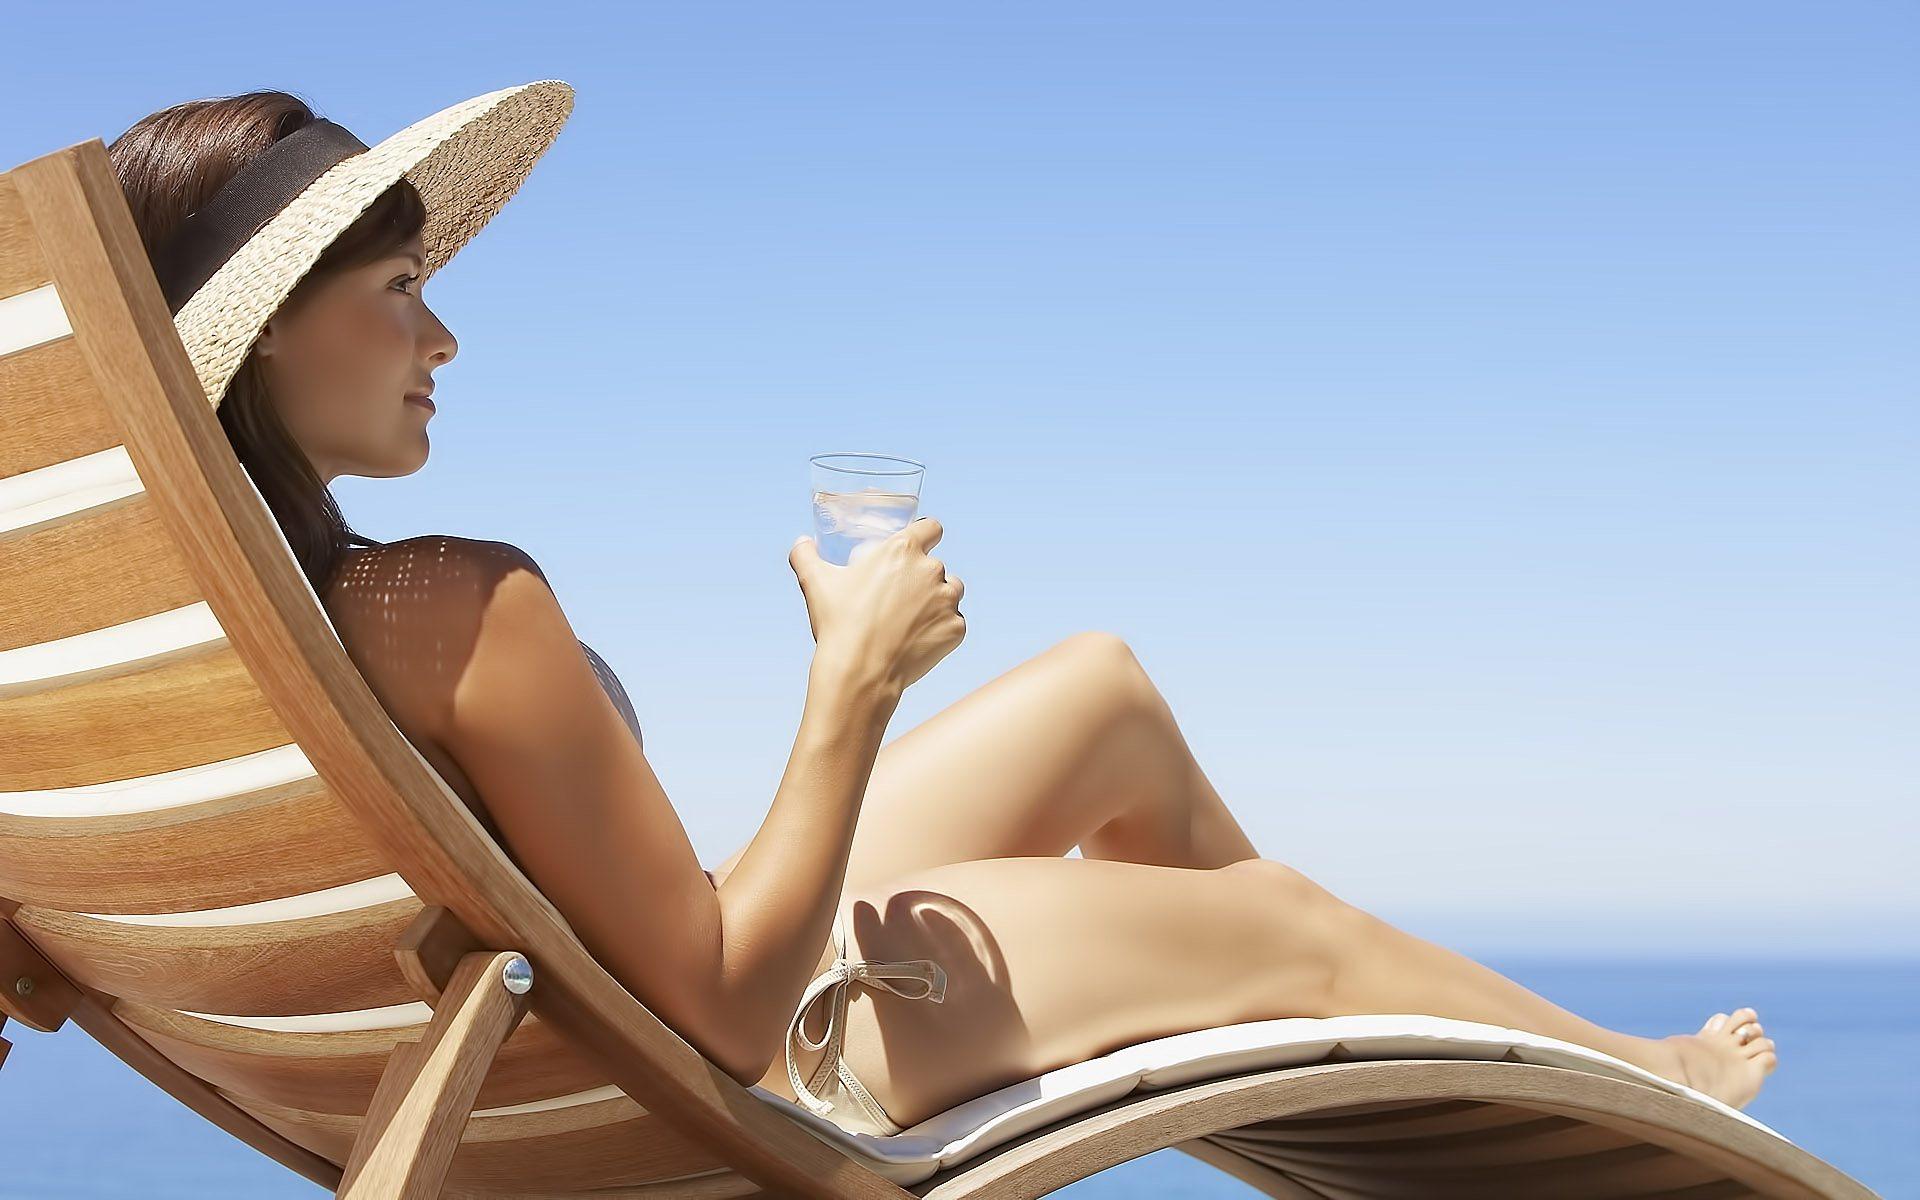 Что думают врачи насчет загорания под солнцем во время месячных